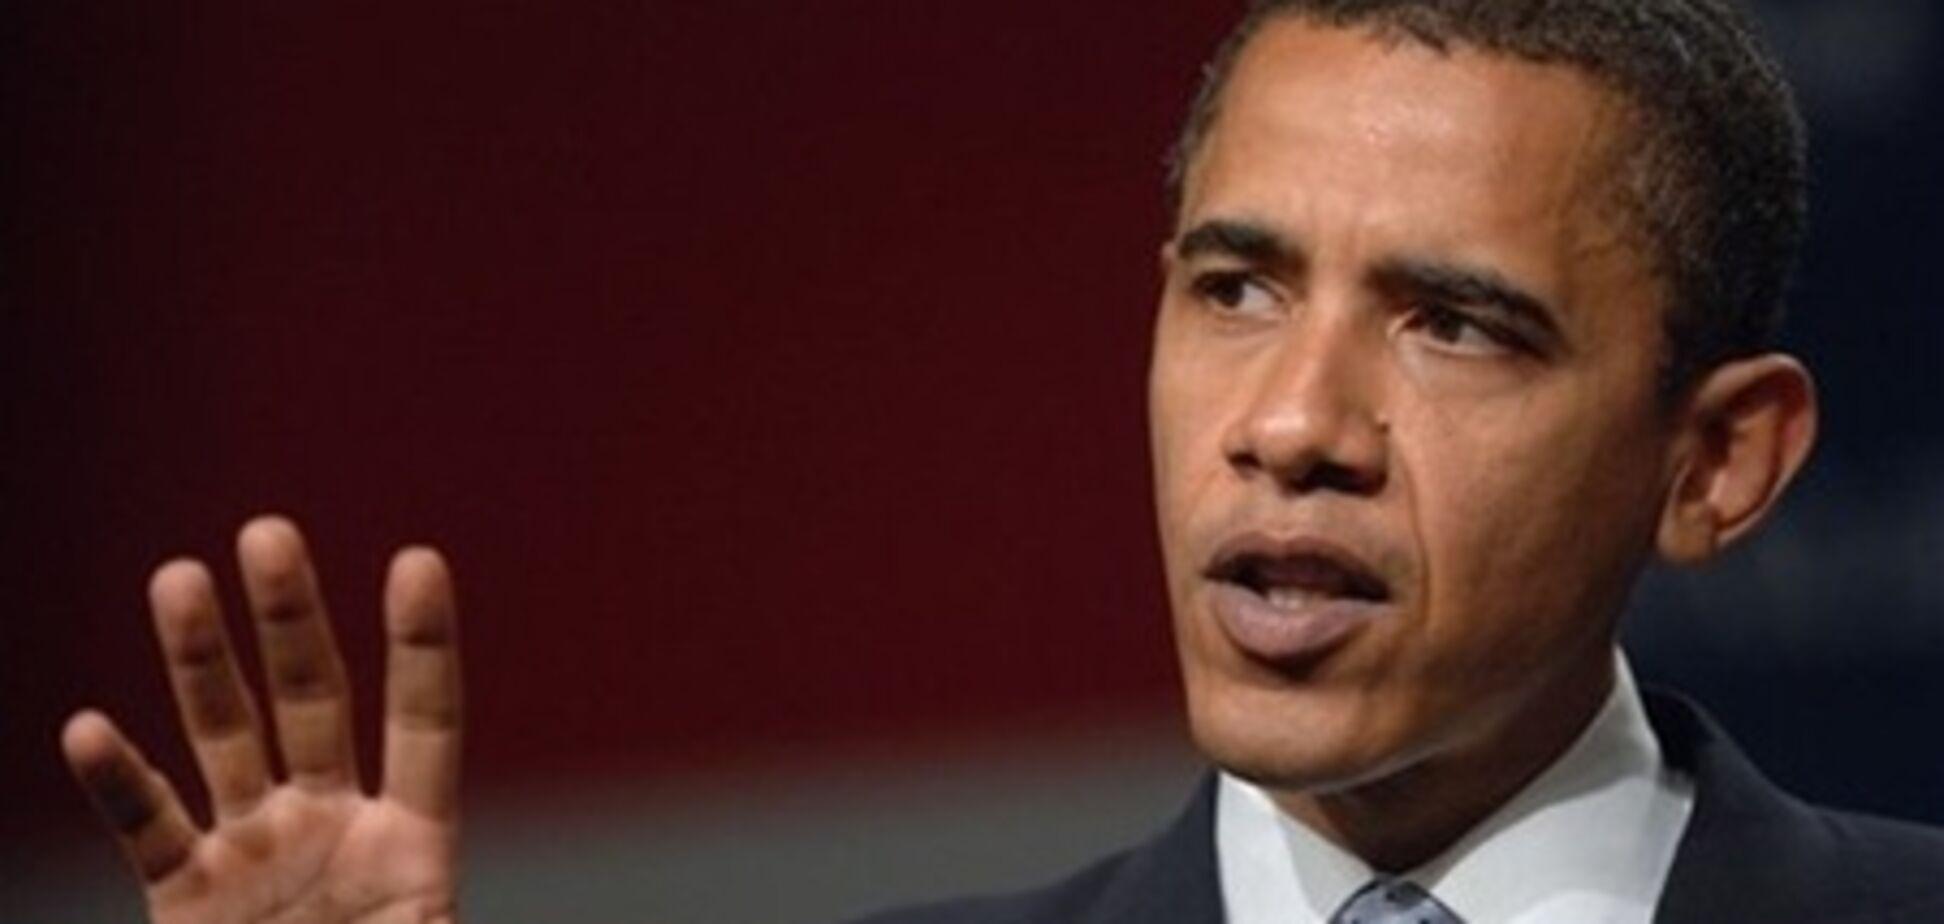 Обама призвал партии сплотиться перед бюджетным кризисом